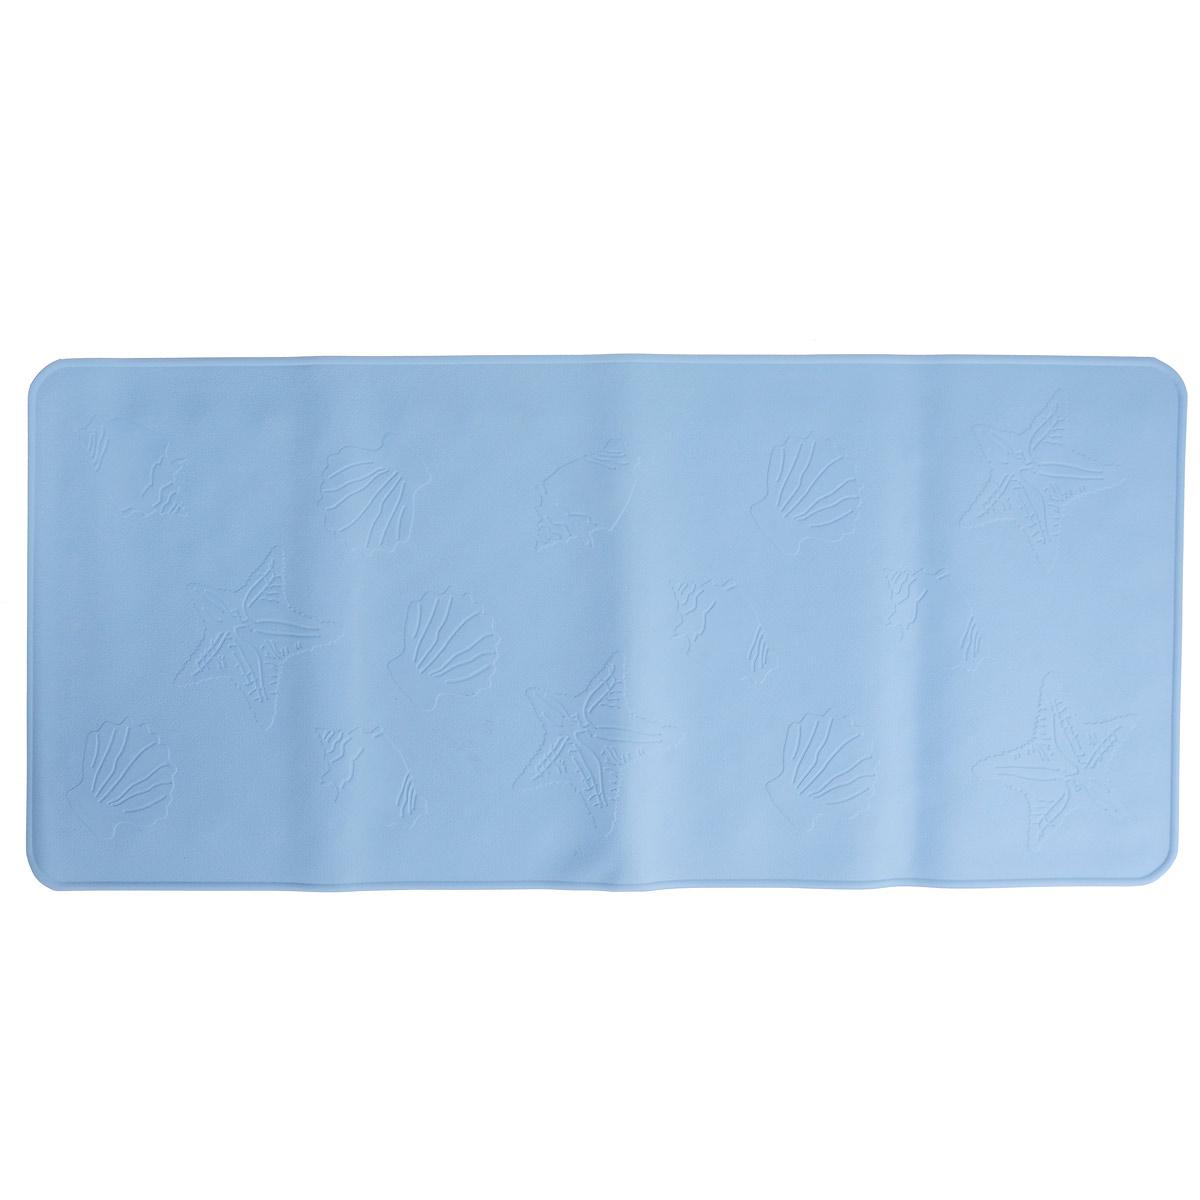 Антискользящий коврик Roxy-kids для ванны, цвет: синий, 34,5 см х 74 смBM-3474Антискользящий коврик для ванны Roxy-kids изготовлен из высококачественной натуральной мягкой резины без применения токсичного сырья и подходит для большинства детских ванночек, ванн и душевых кабин. Коврик крепится на дно ванны при помощи присосок, и предотвращает прямой контакт тела ребенка со скользким дном ванны. Покрытие коврика препятствует скольжения ног или тела ребенка. Специальные отверстия позволяют воде стекать и обеспечивают более надежное крепление к поверхности ванны. Мягкие надежные присоски препятствуют скольжению коврика в ванне. Рельефные элементы способствуют массажу.